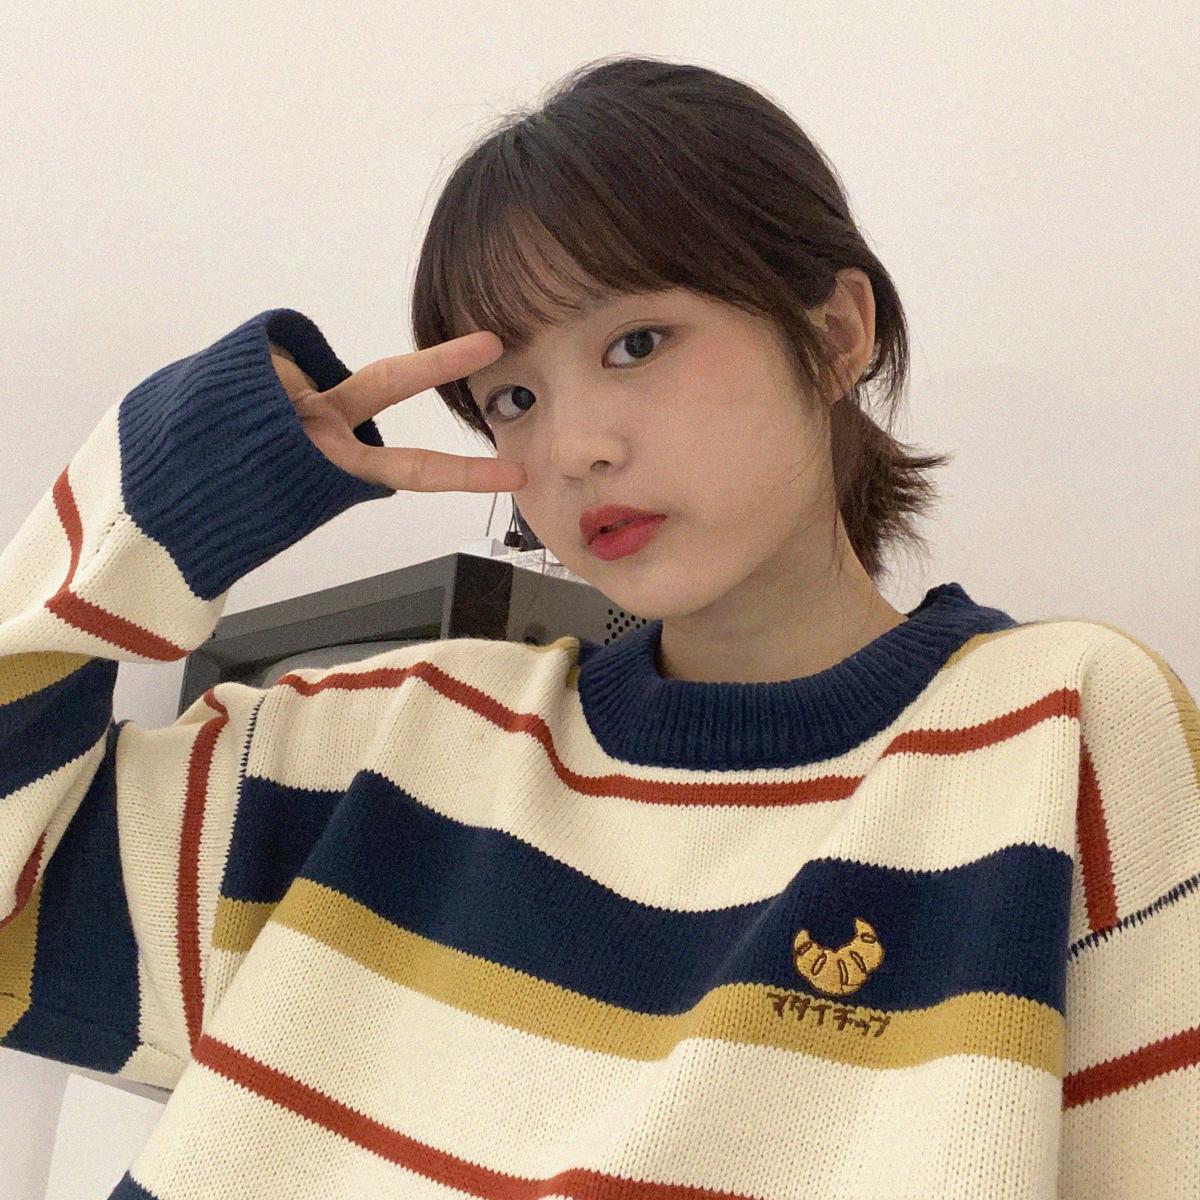 [现货][情侣款]韩版拼色学院风宽松显瘦条纹毛衣学生针织上衣女冬